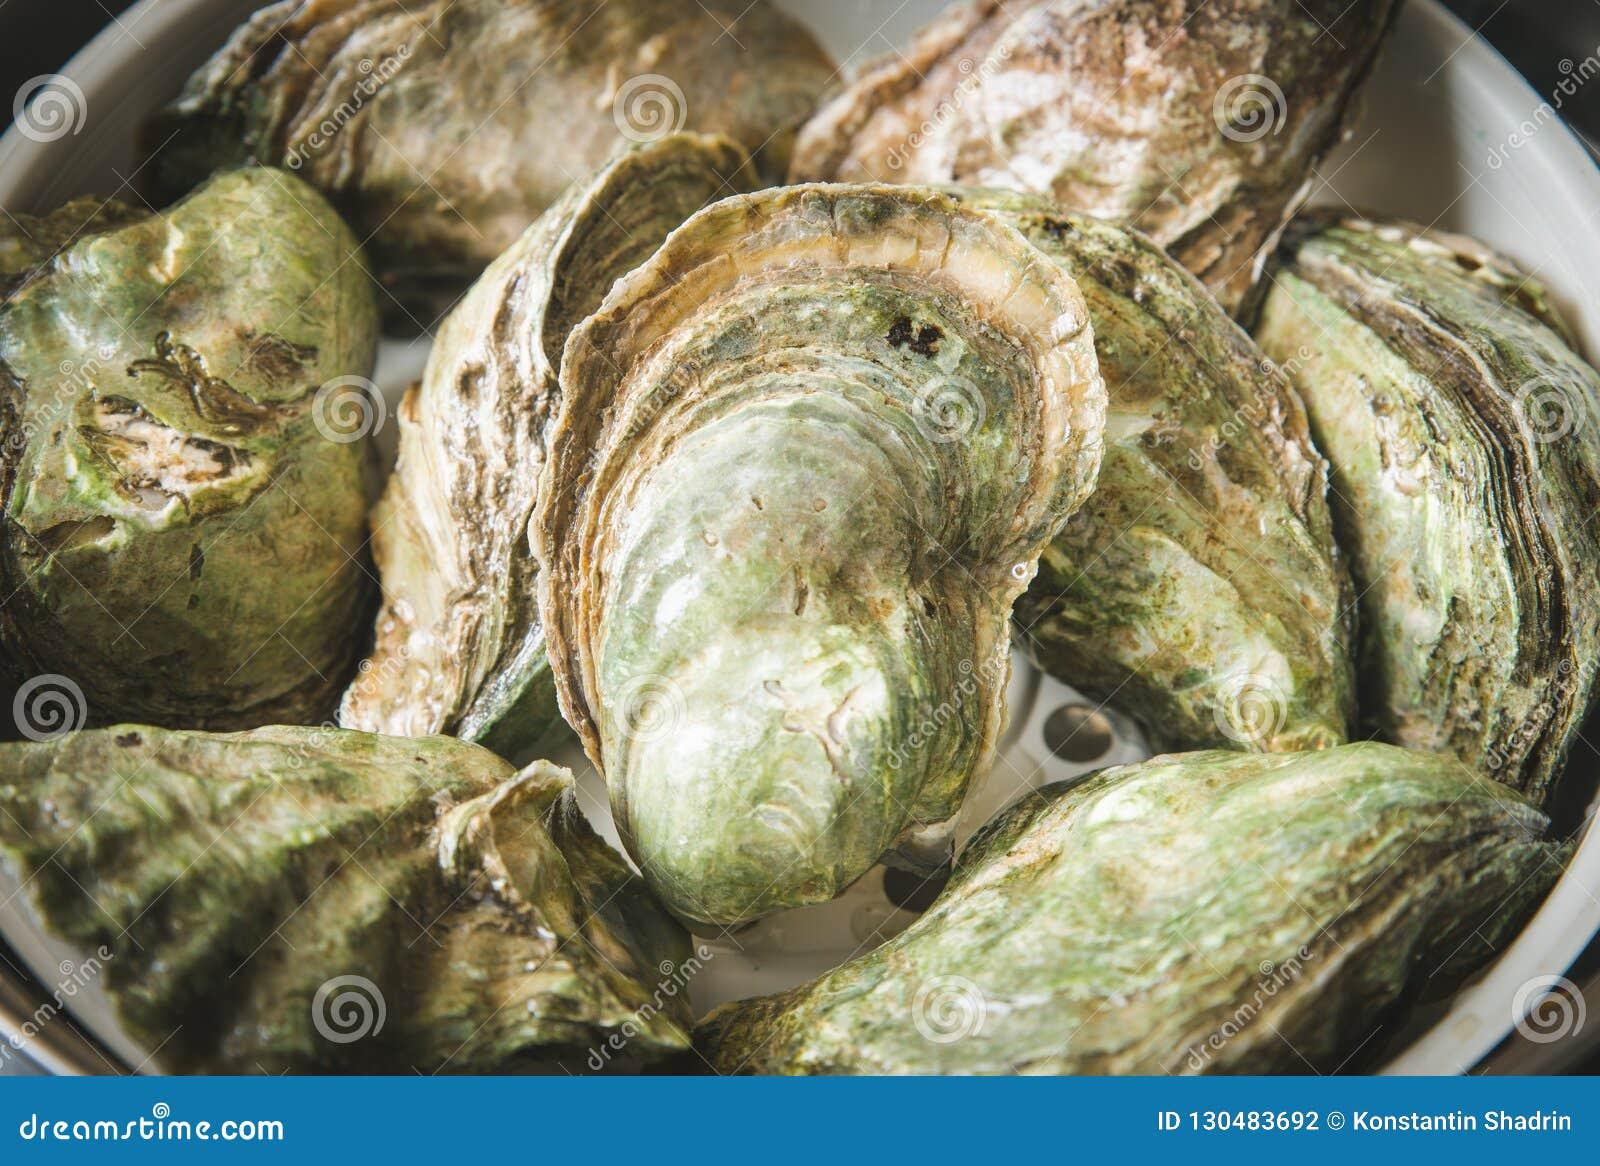 Ciérrese encima de la captura fresca de varias ostras crudas en la exhibición al por menor del mercado del pescador, cierre para